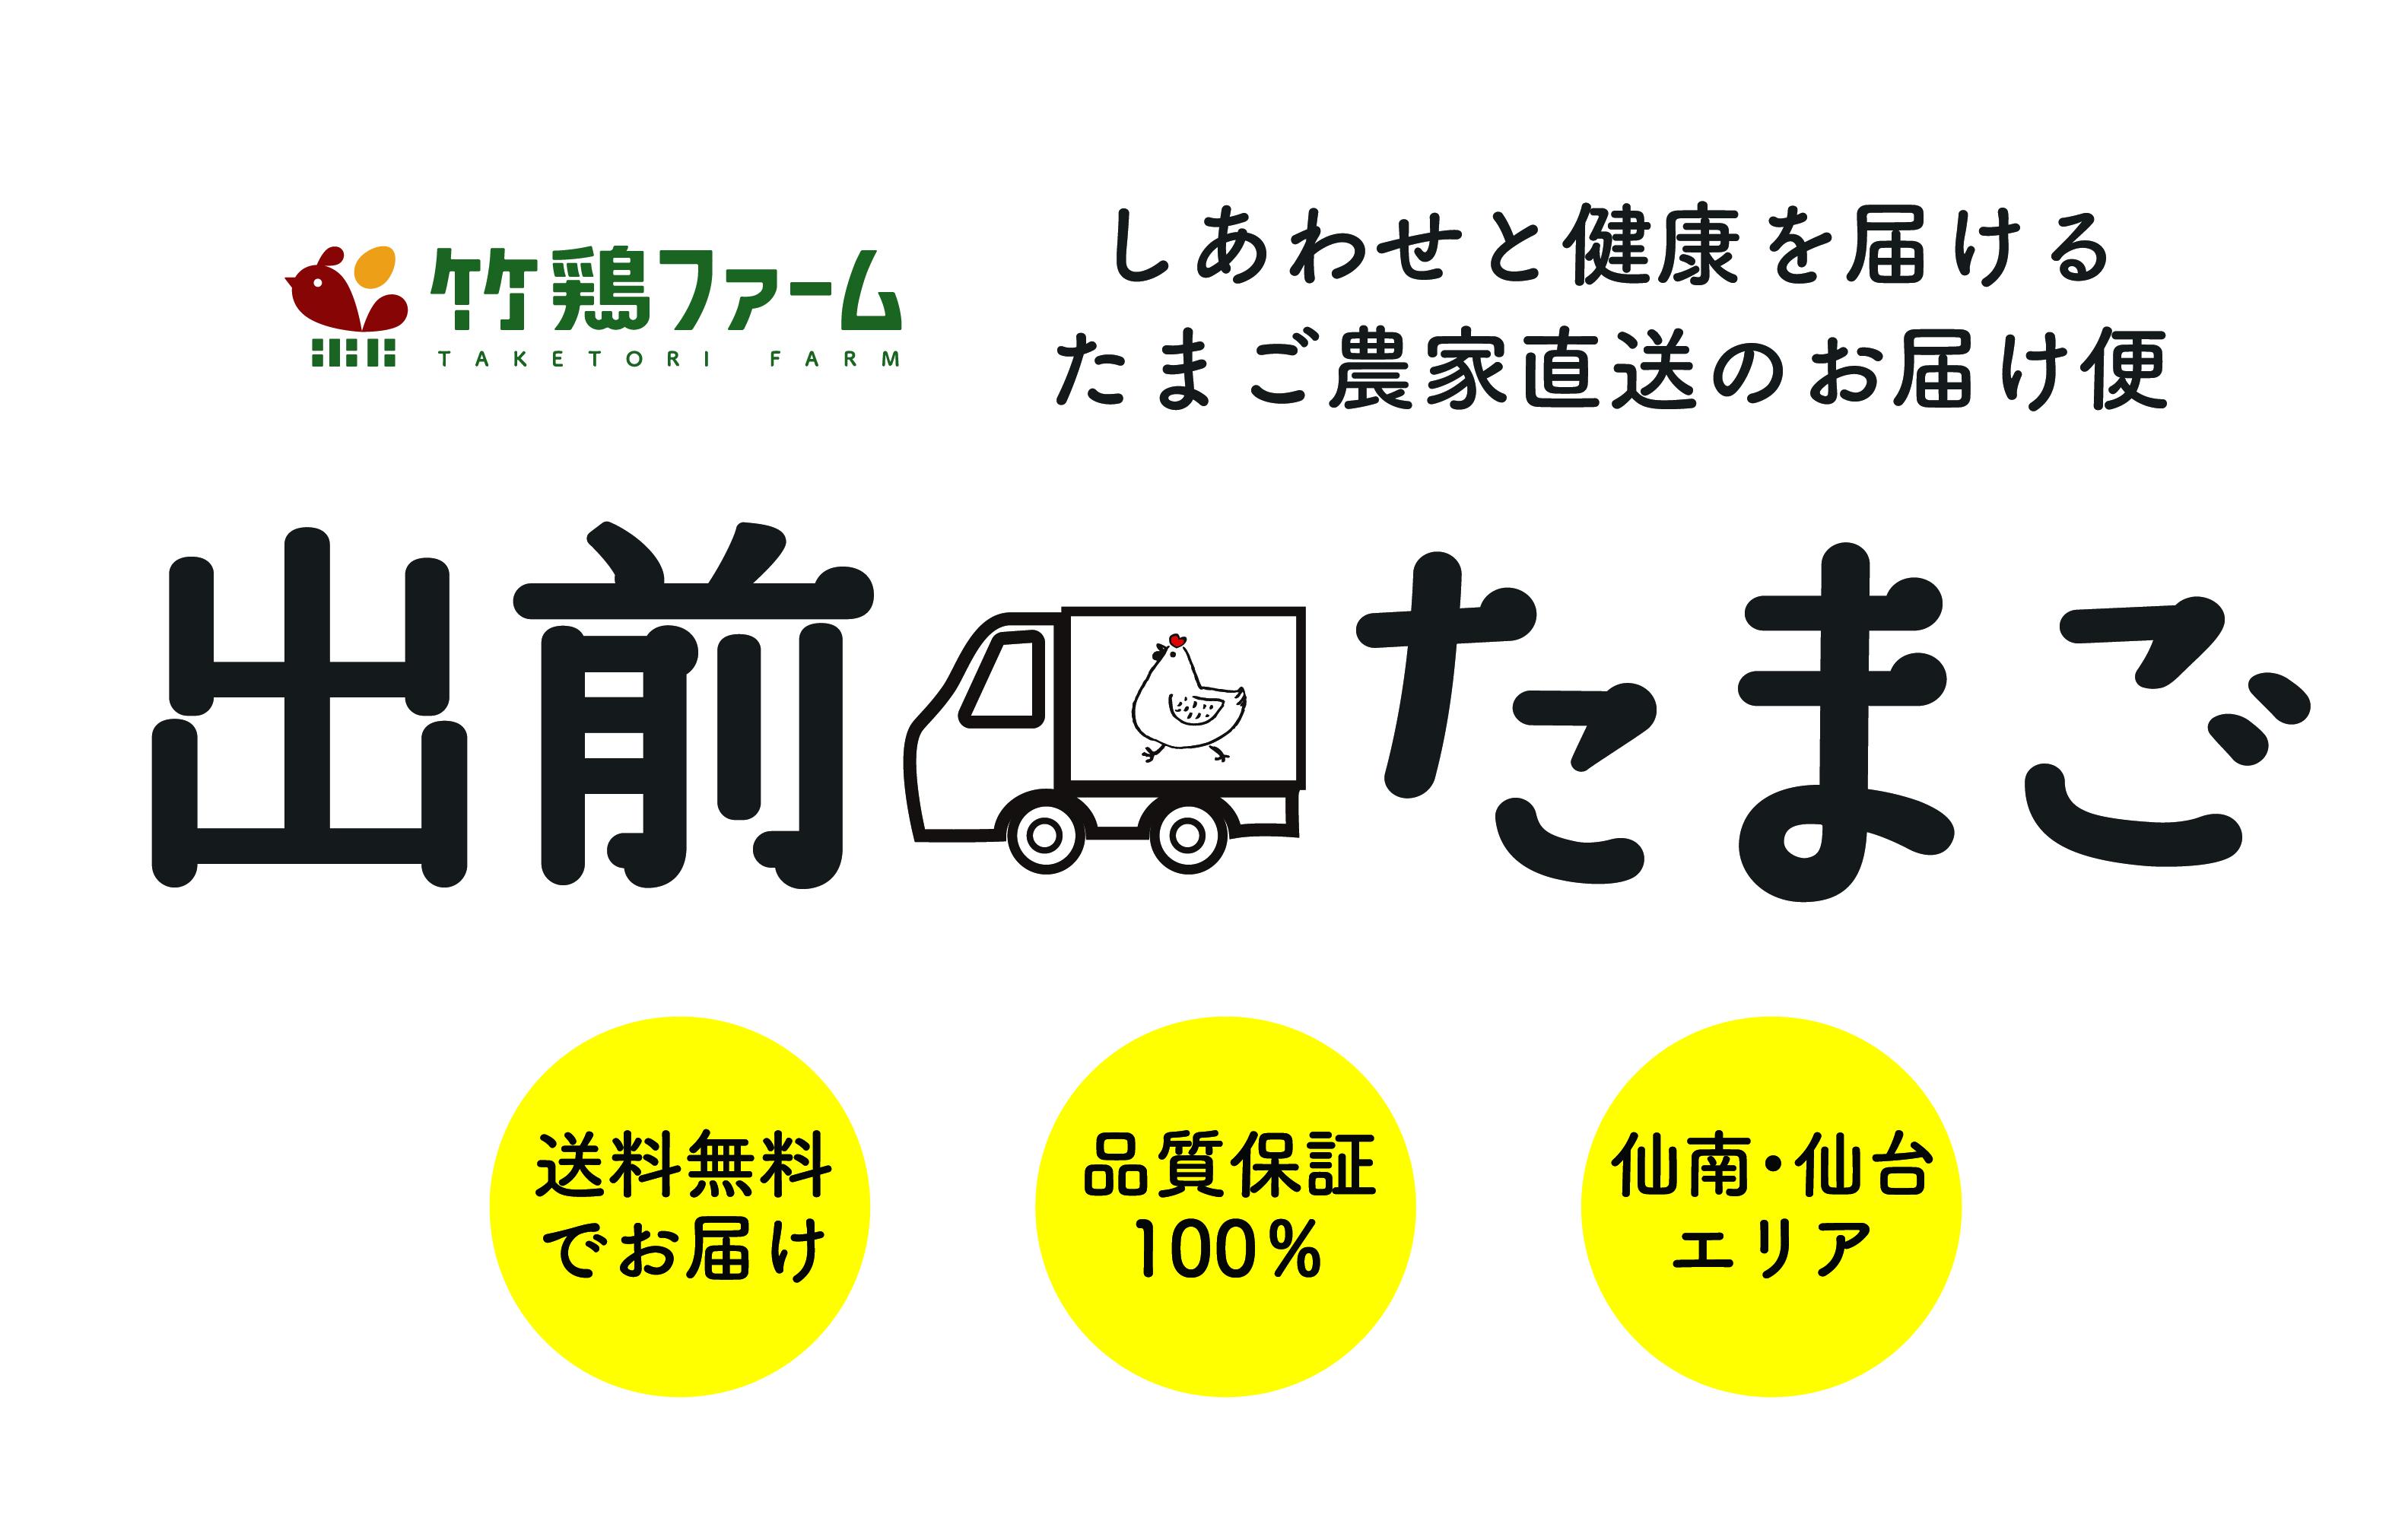 出前たまご.com | 竹鶏ファーム